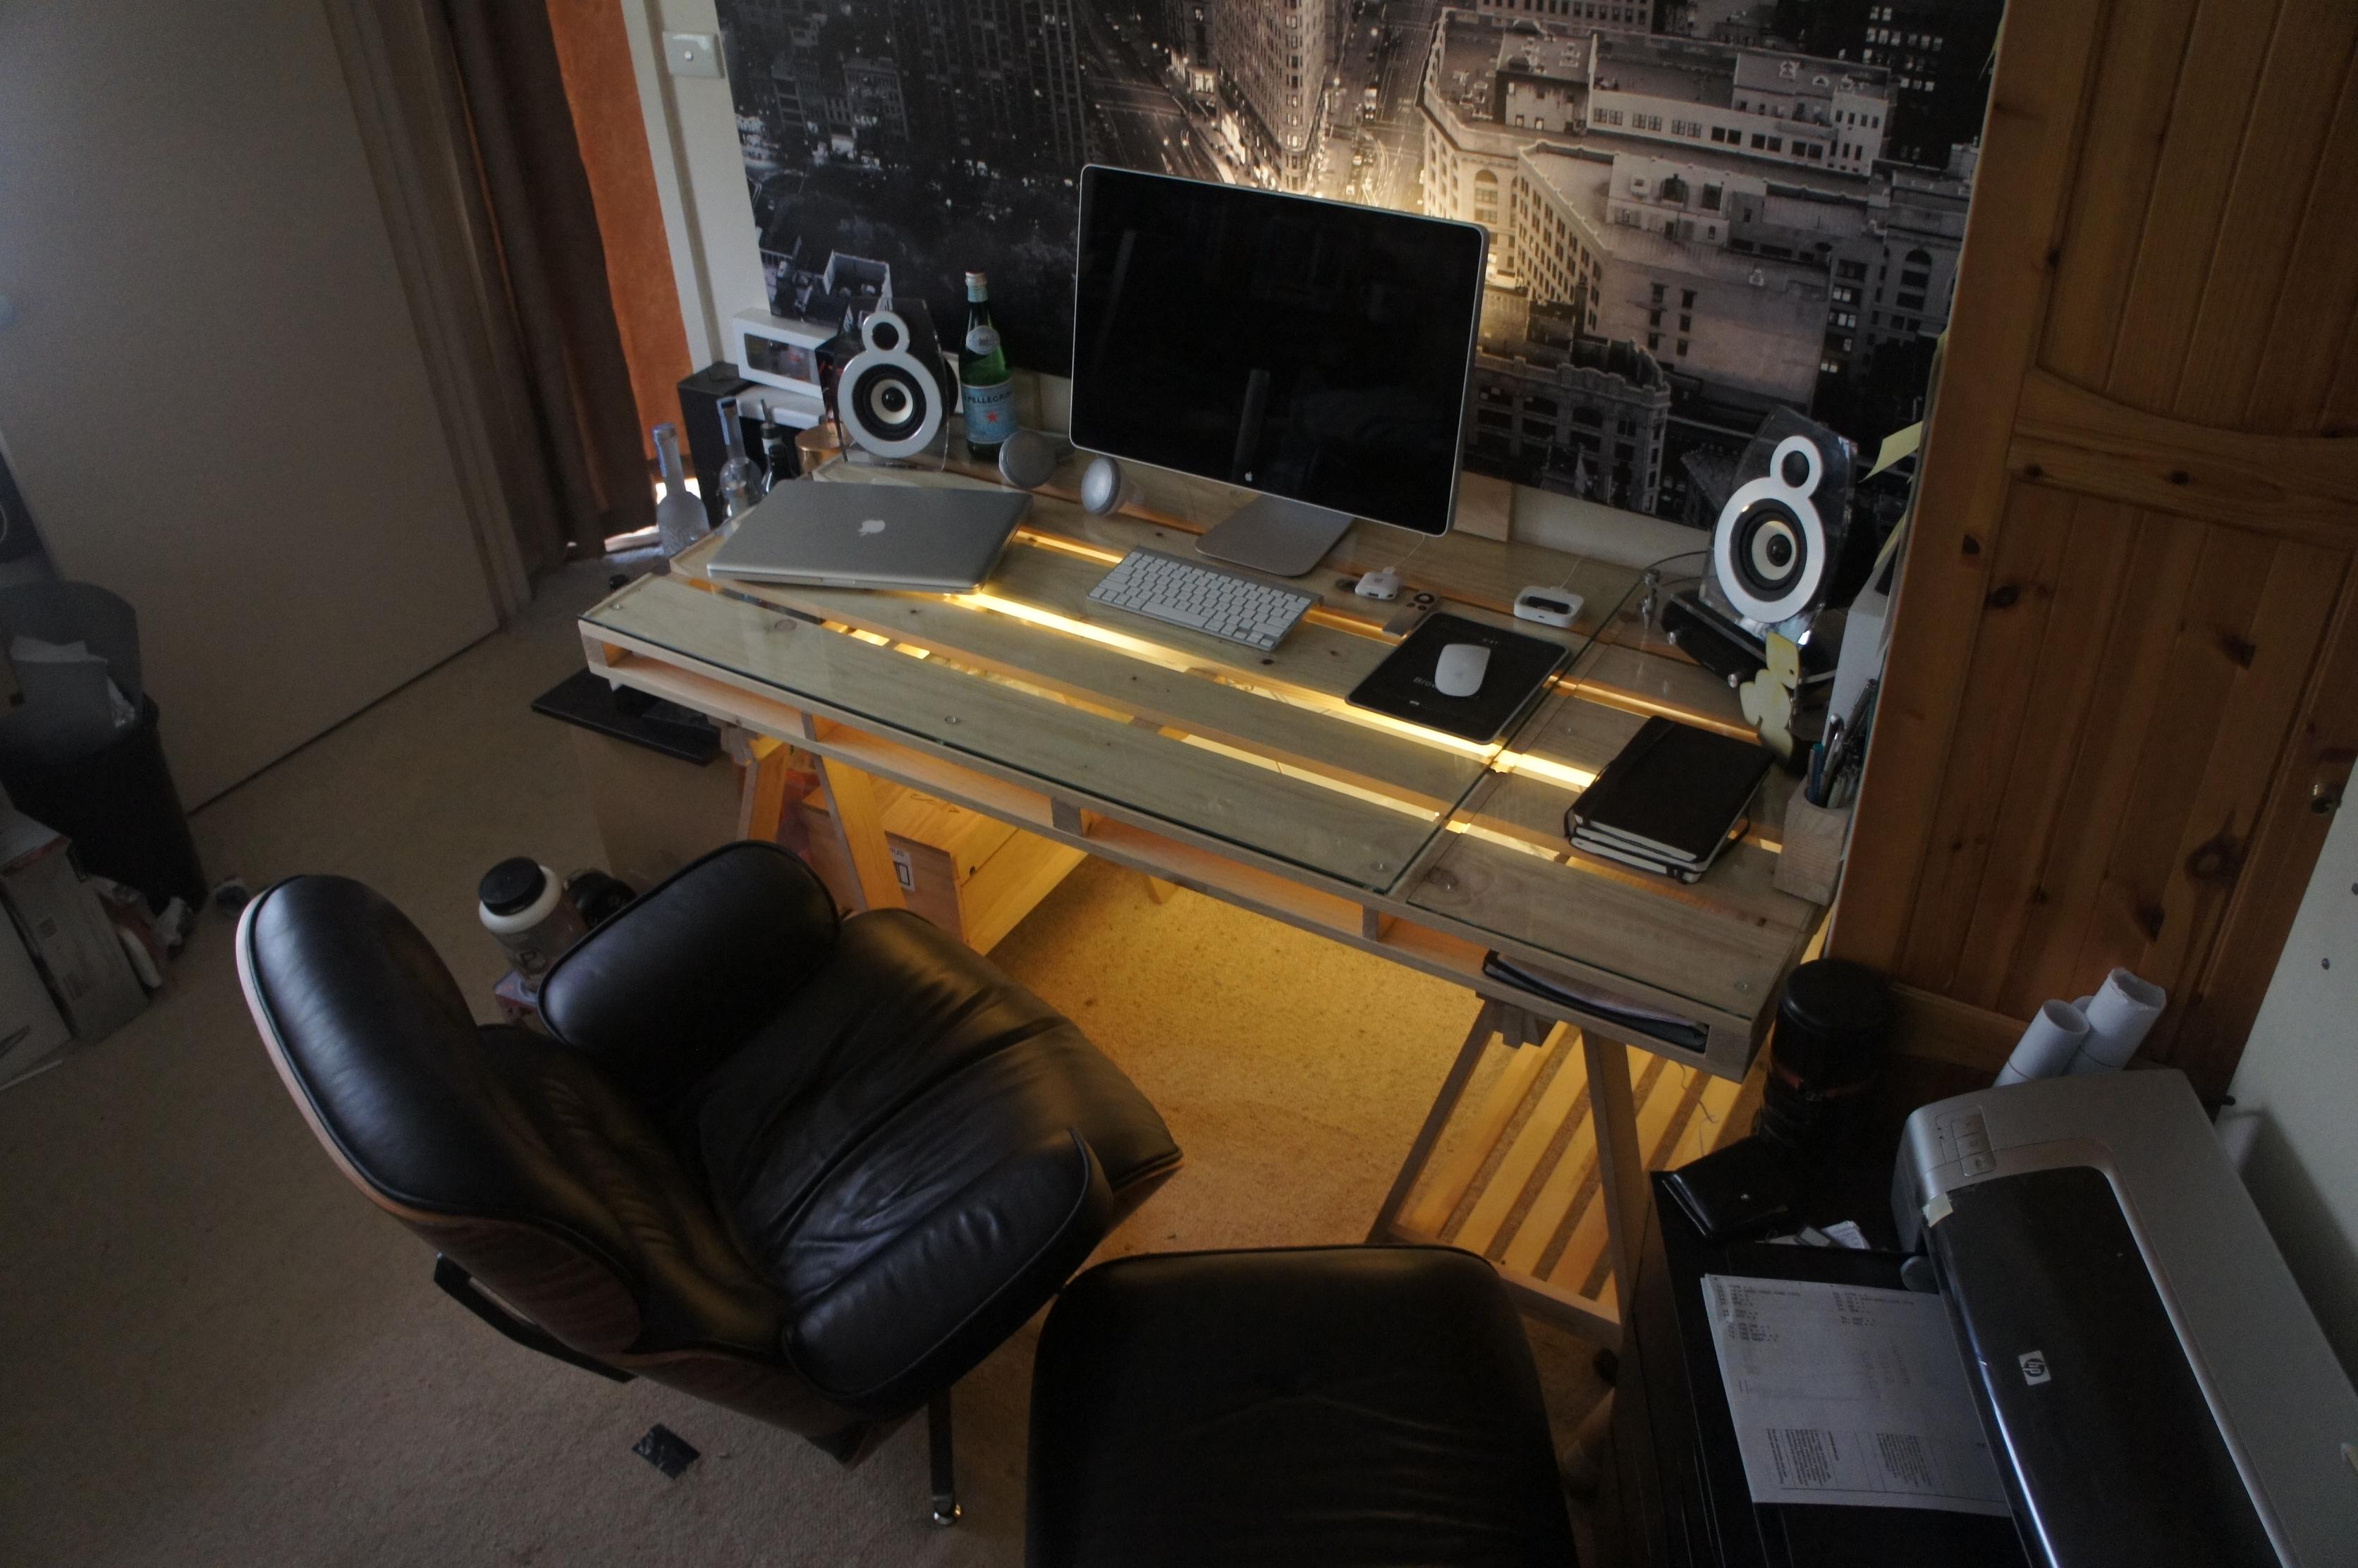 Pallet Desk 2012 | A.MAK ARCHI TECT URE